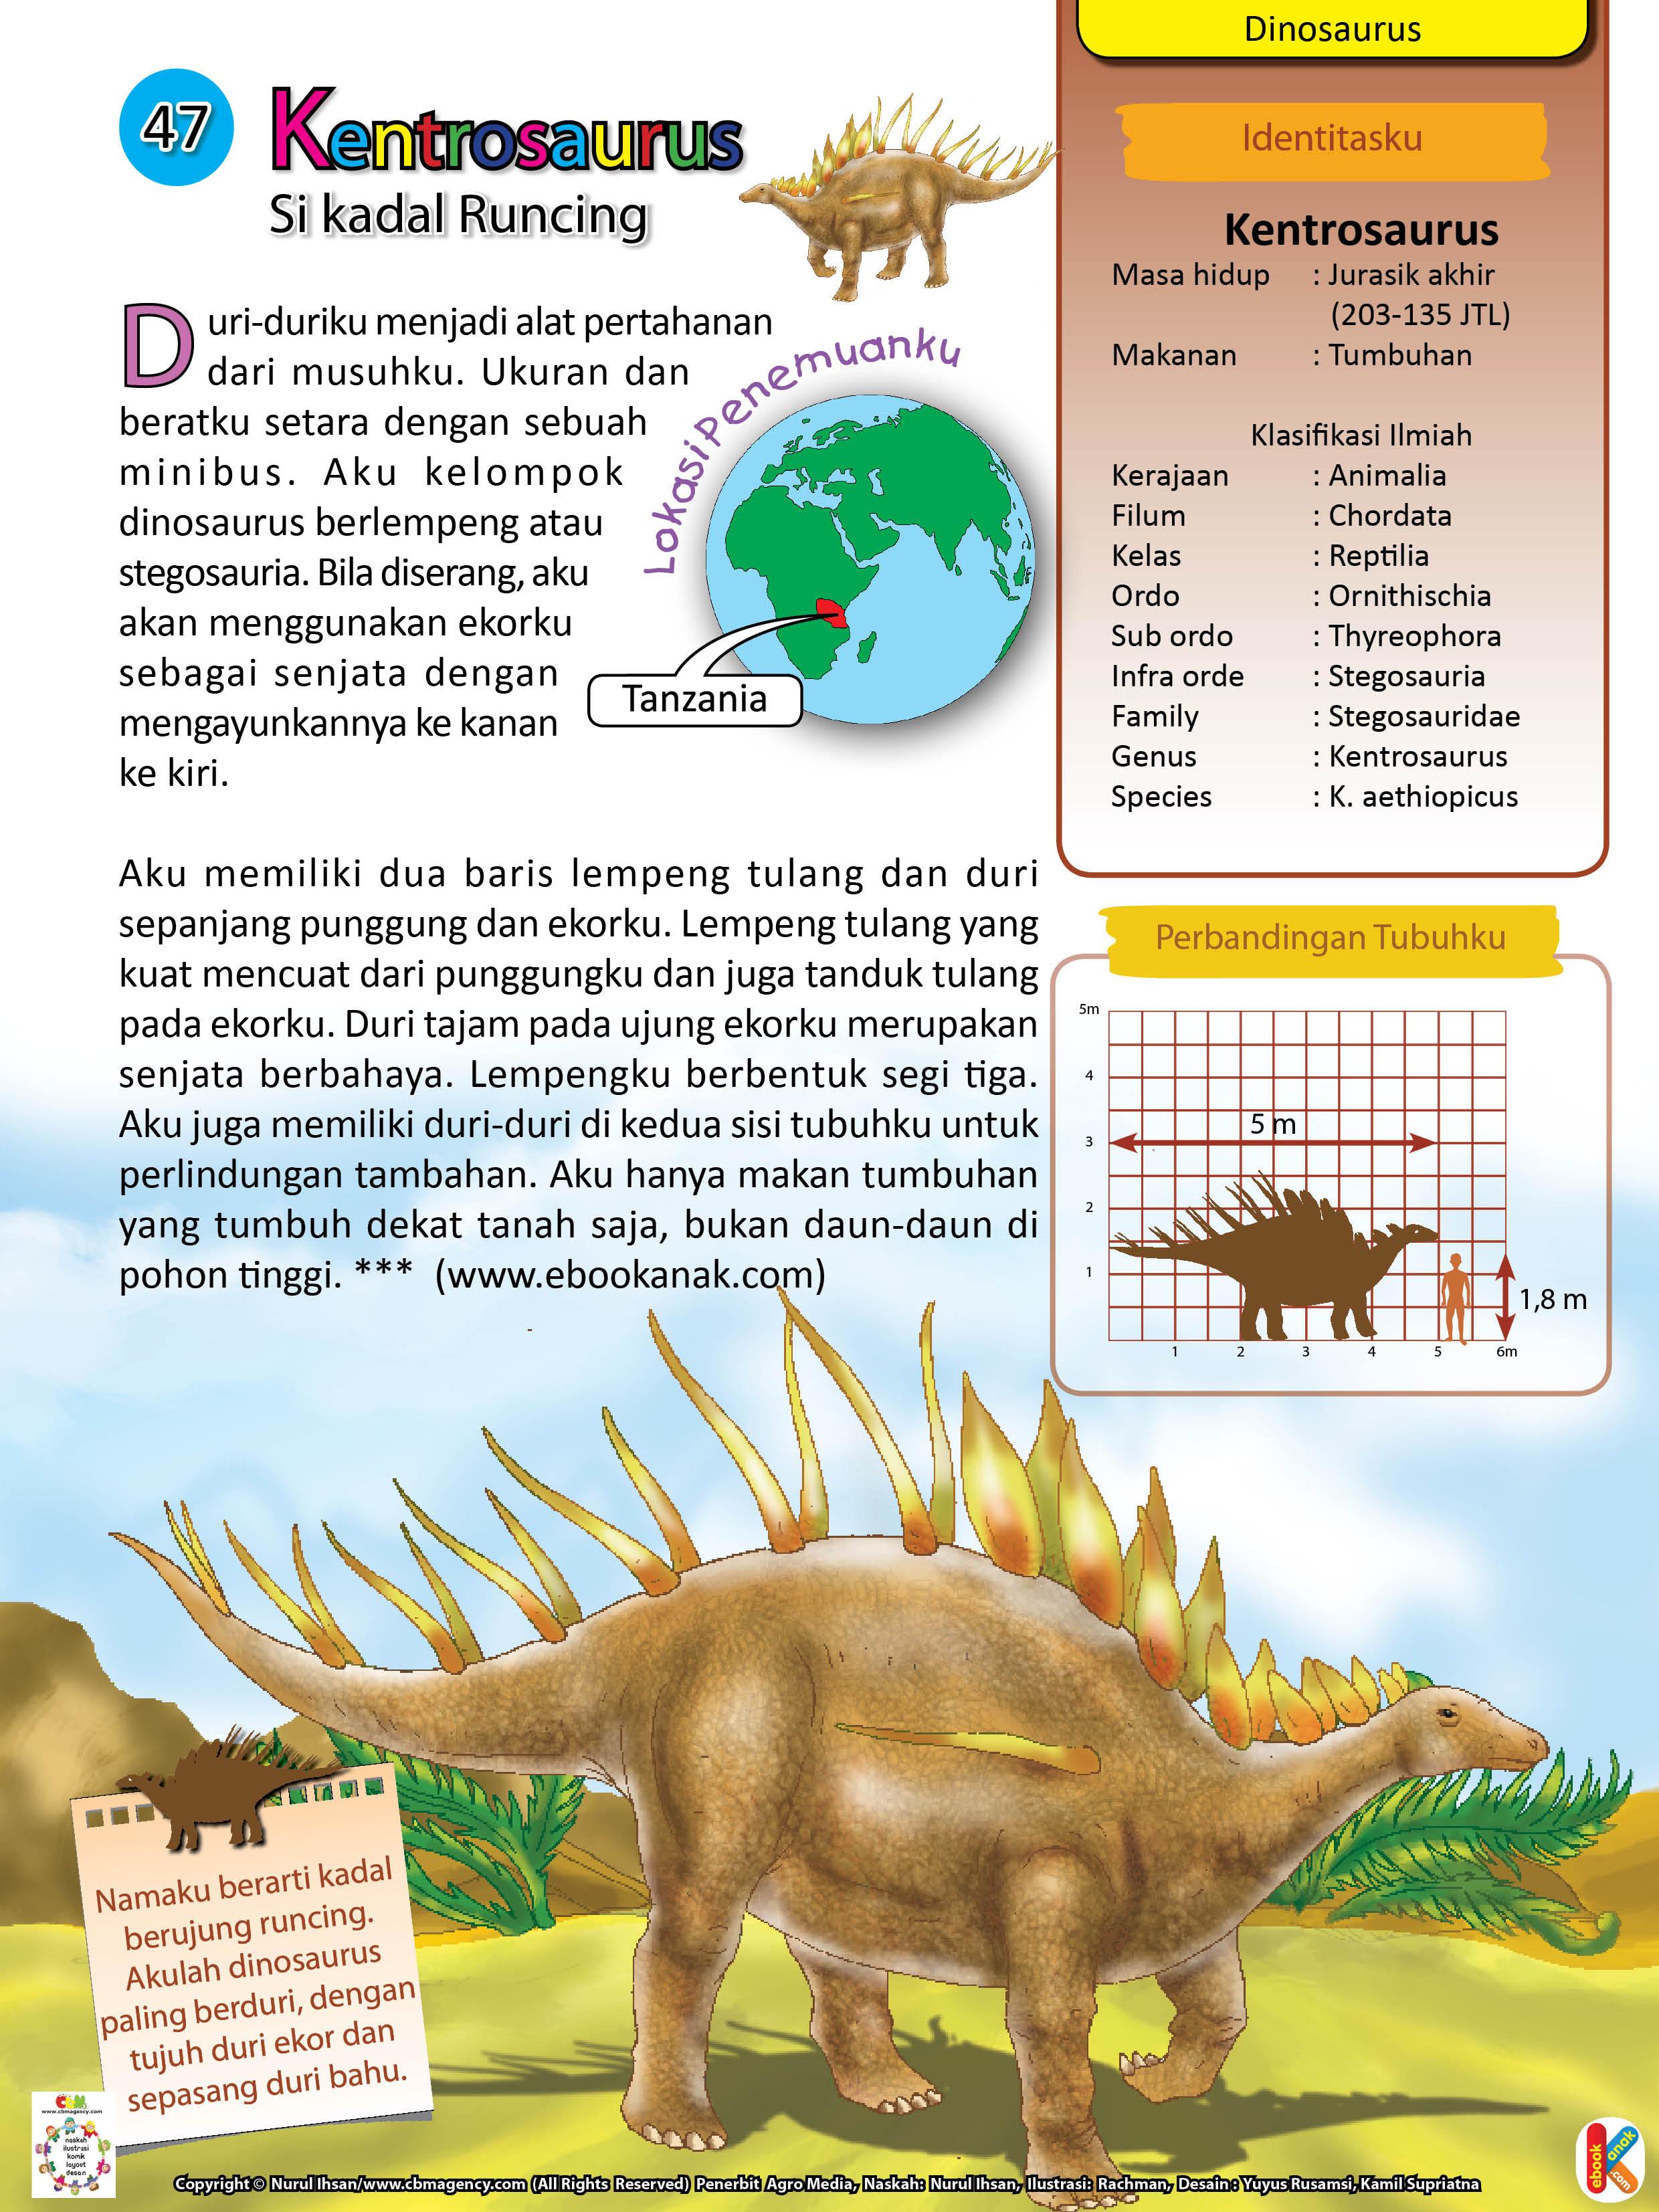 Ukuran dan berat Kentrosaurus setara dengan sebuah minibus.